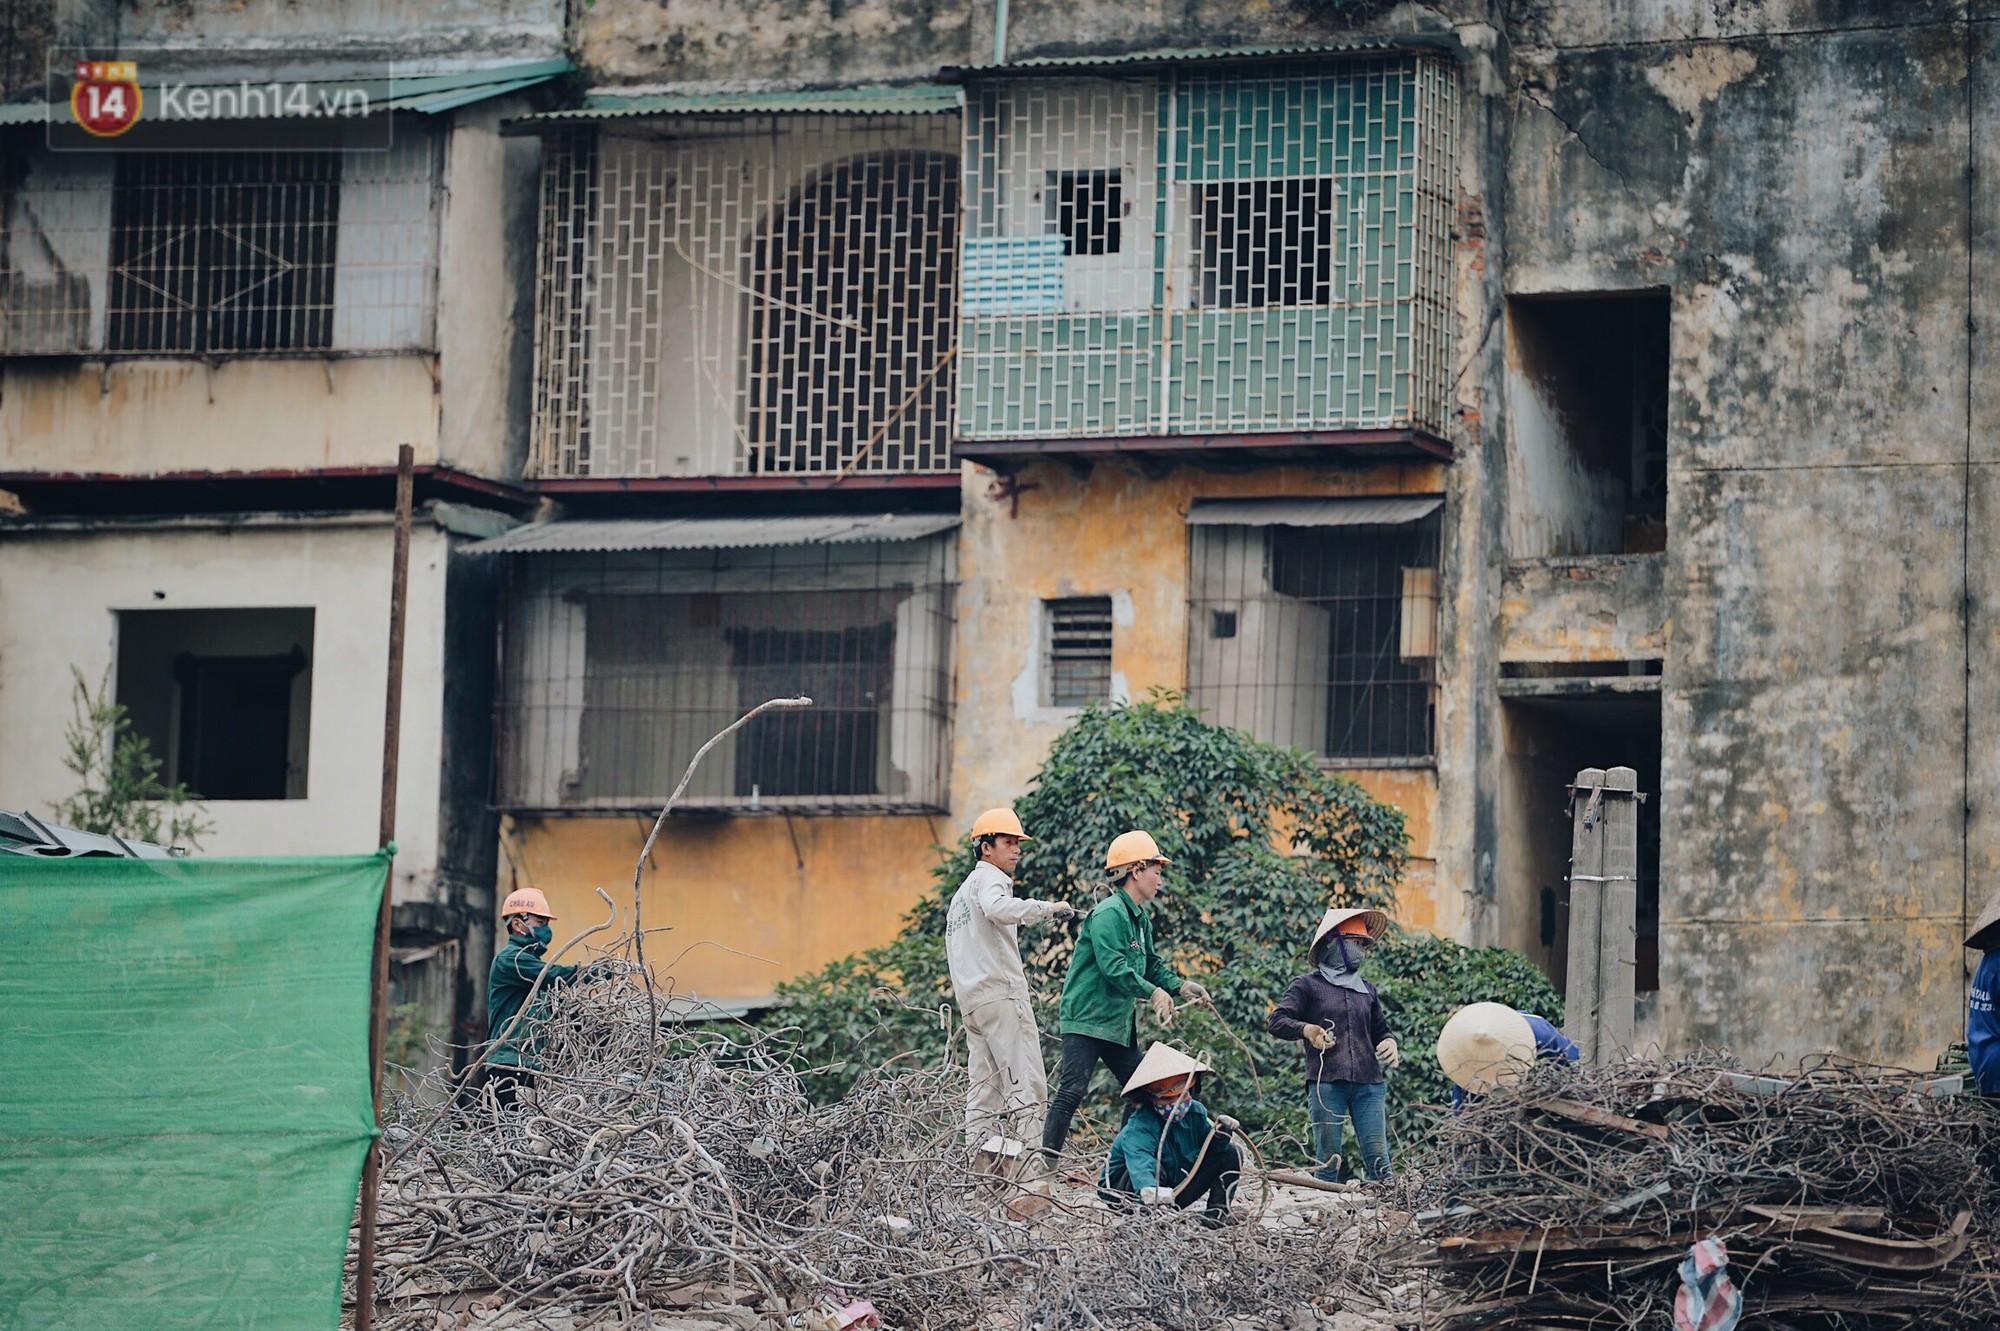 Phá dỡ khu tập thể đất vàng hơn 10 năm ngủ quên giữa trung tâm Hà Nội - Ảnh 8.